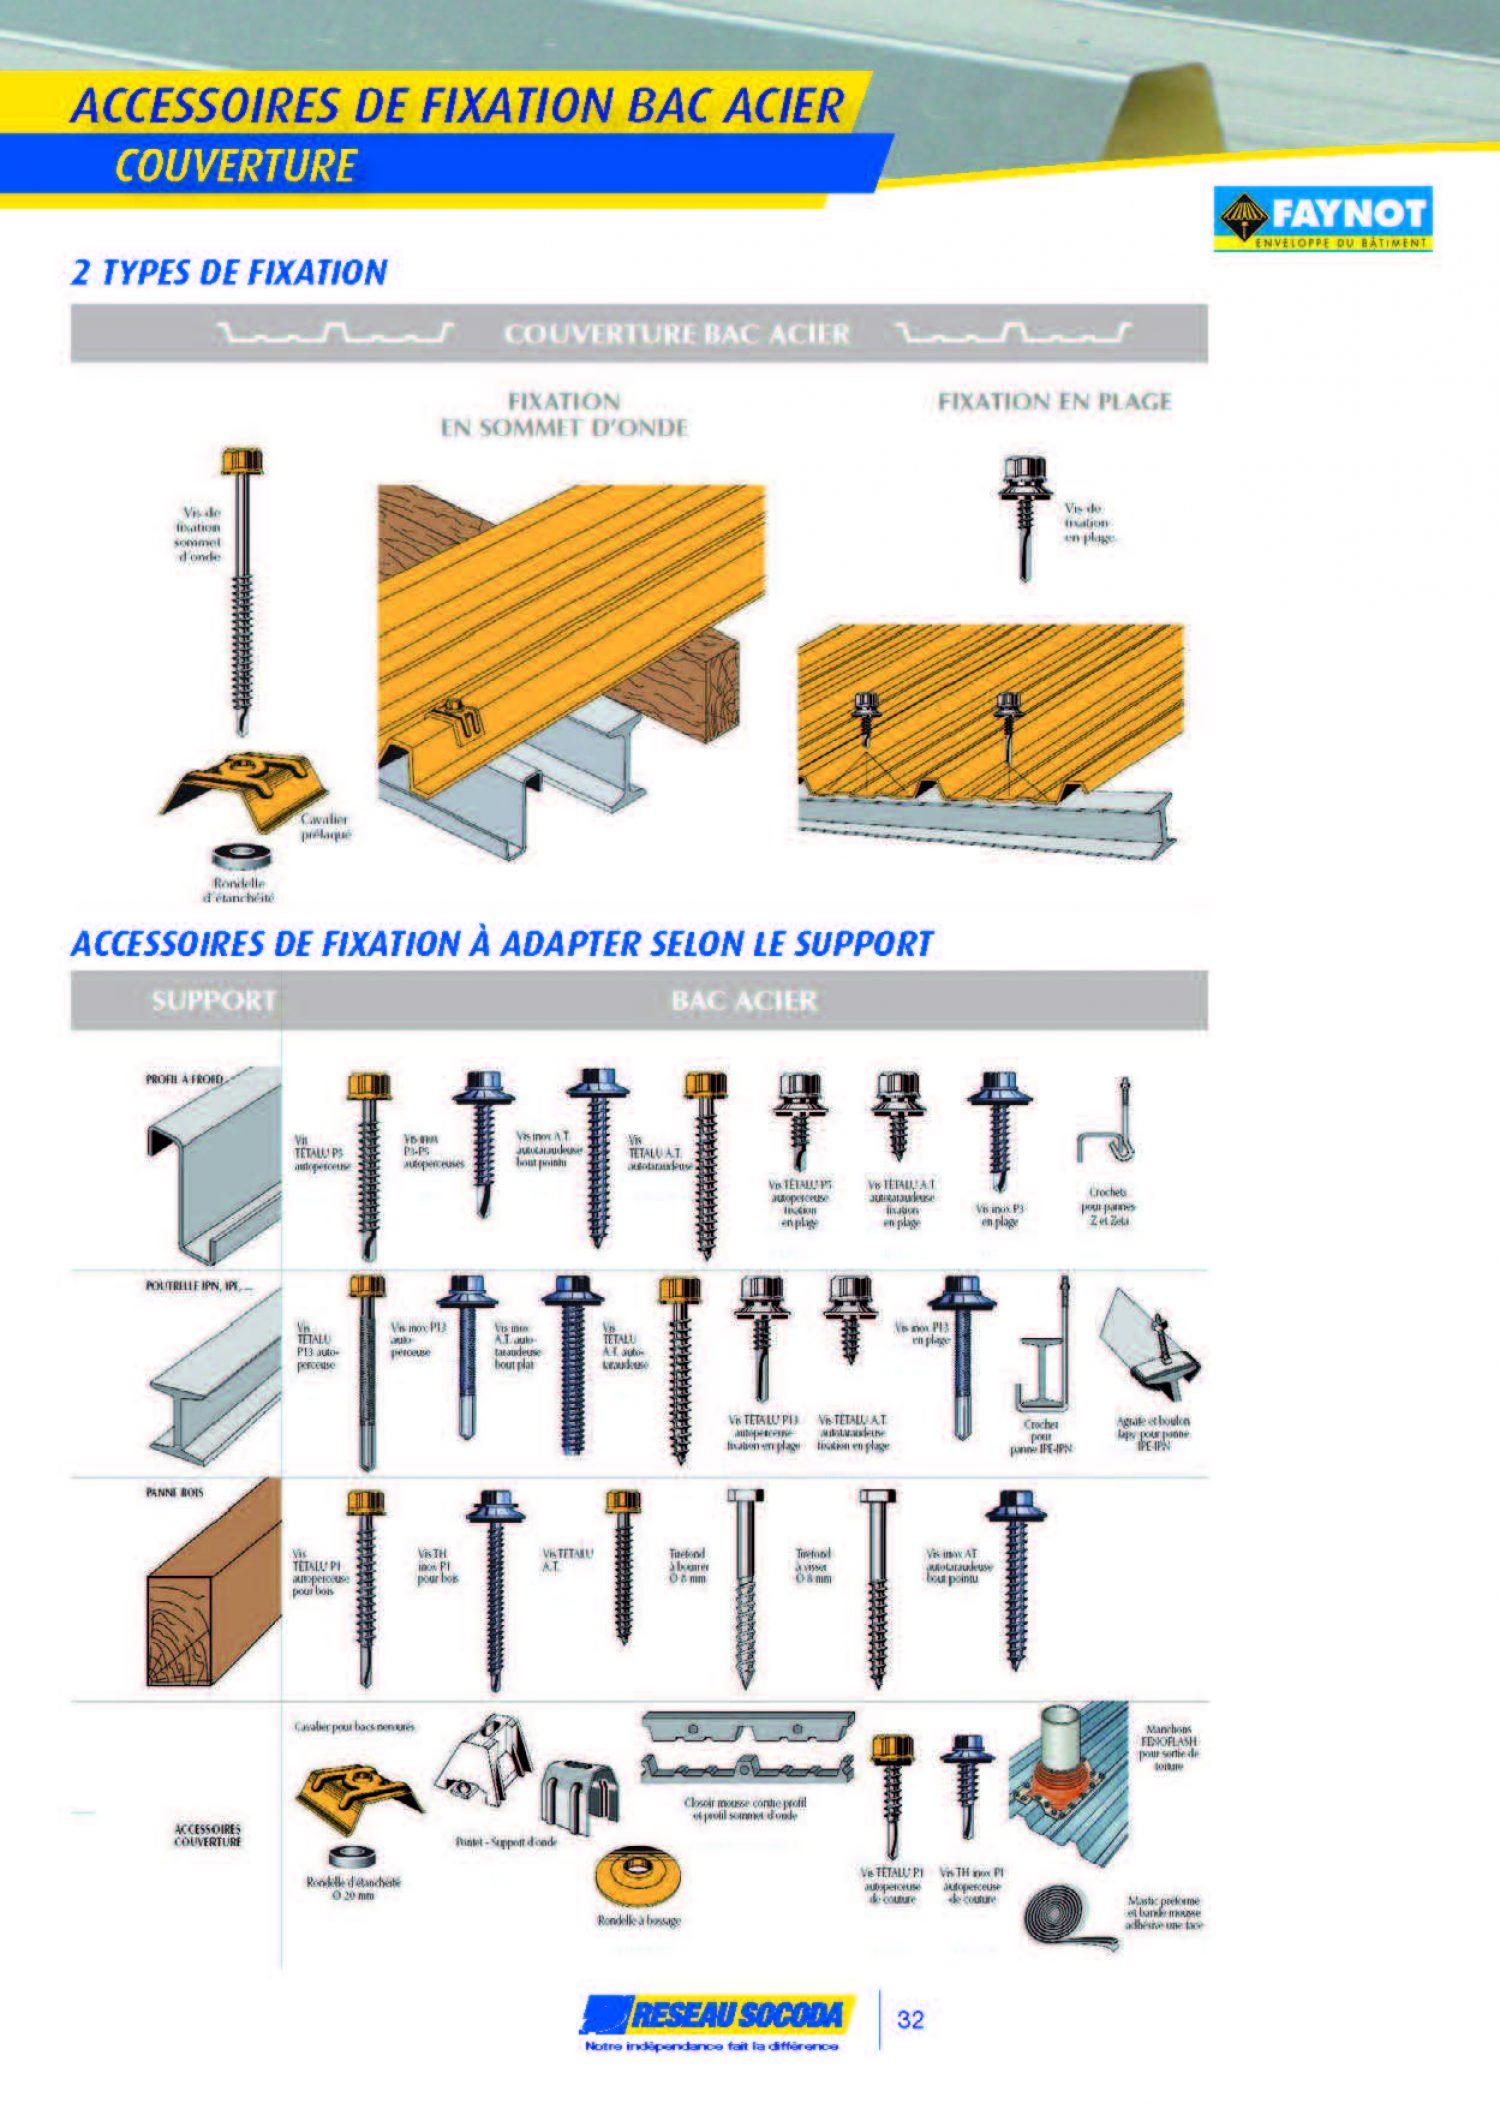 GERMOND_2014 PROFIL BATIMENT_20140324-184231_Page_32